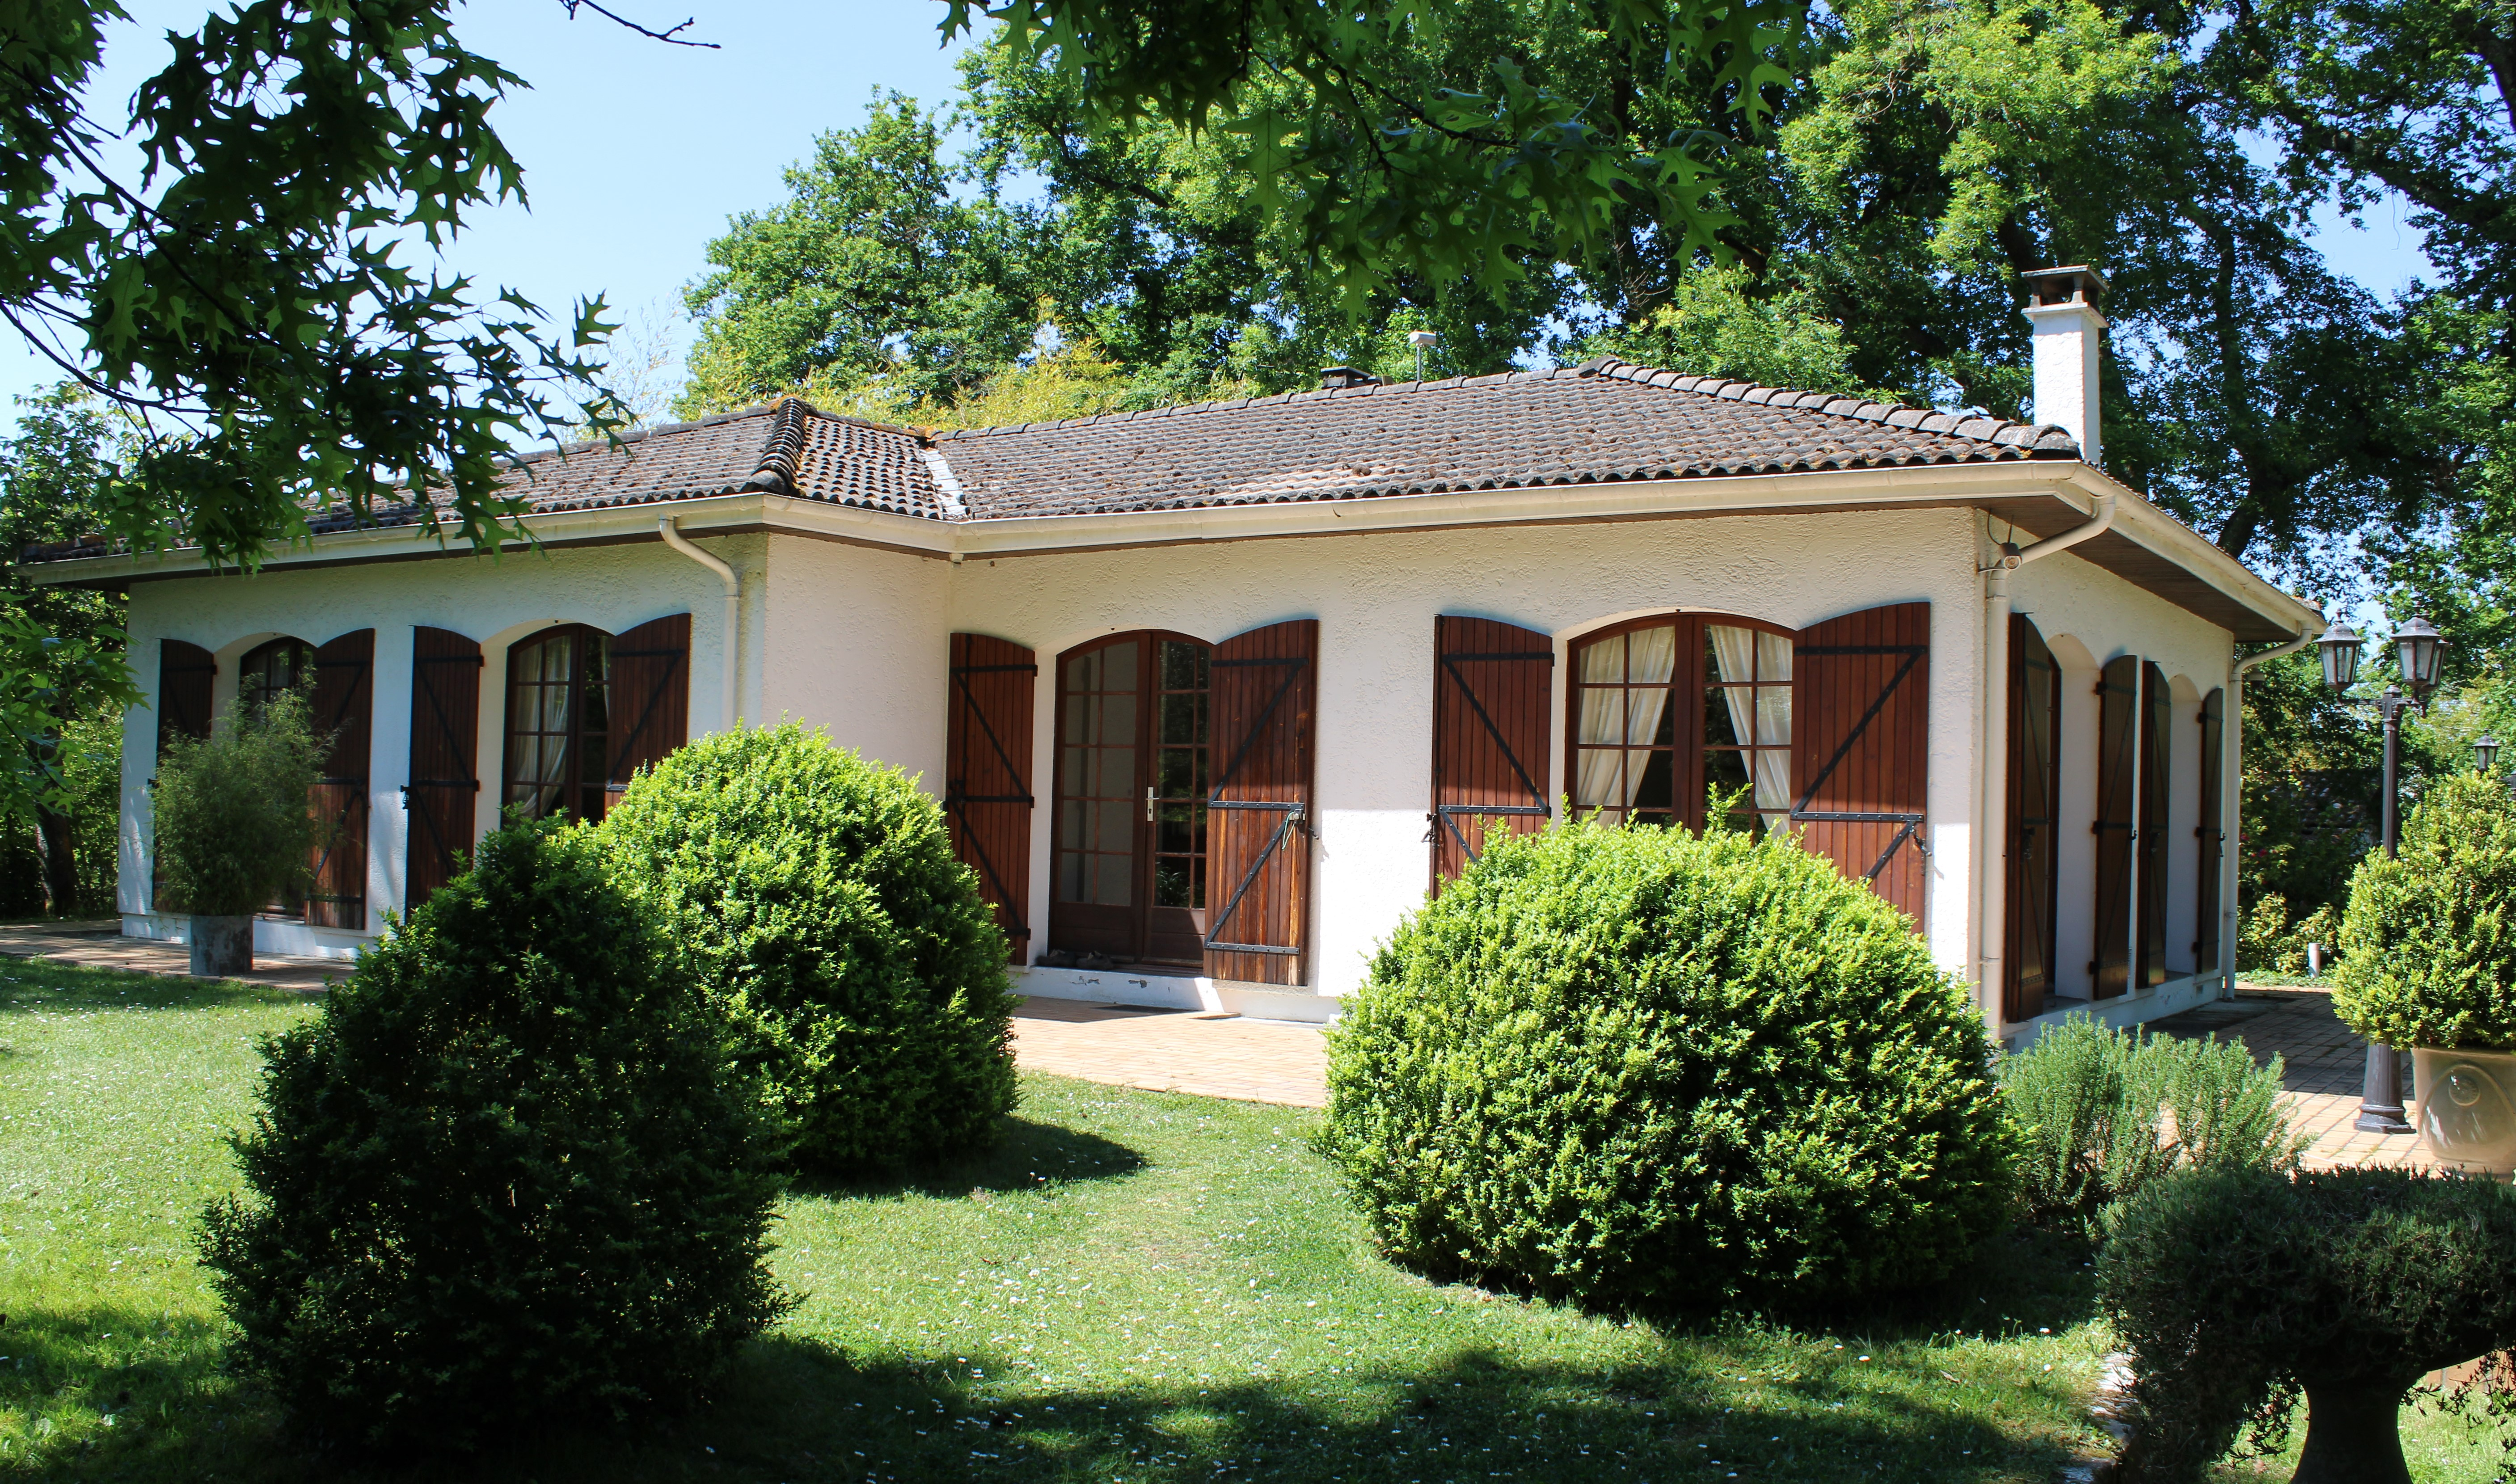 Maison plain-pied 106 m² – Mérignac Chemin-Long 33700